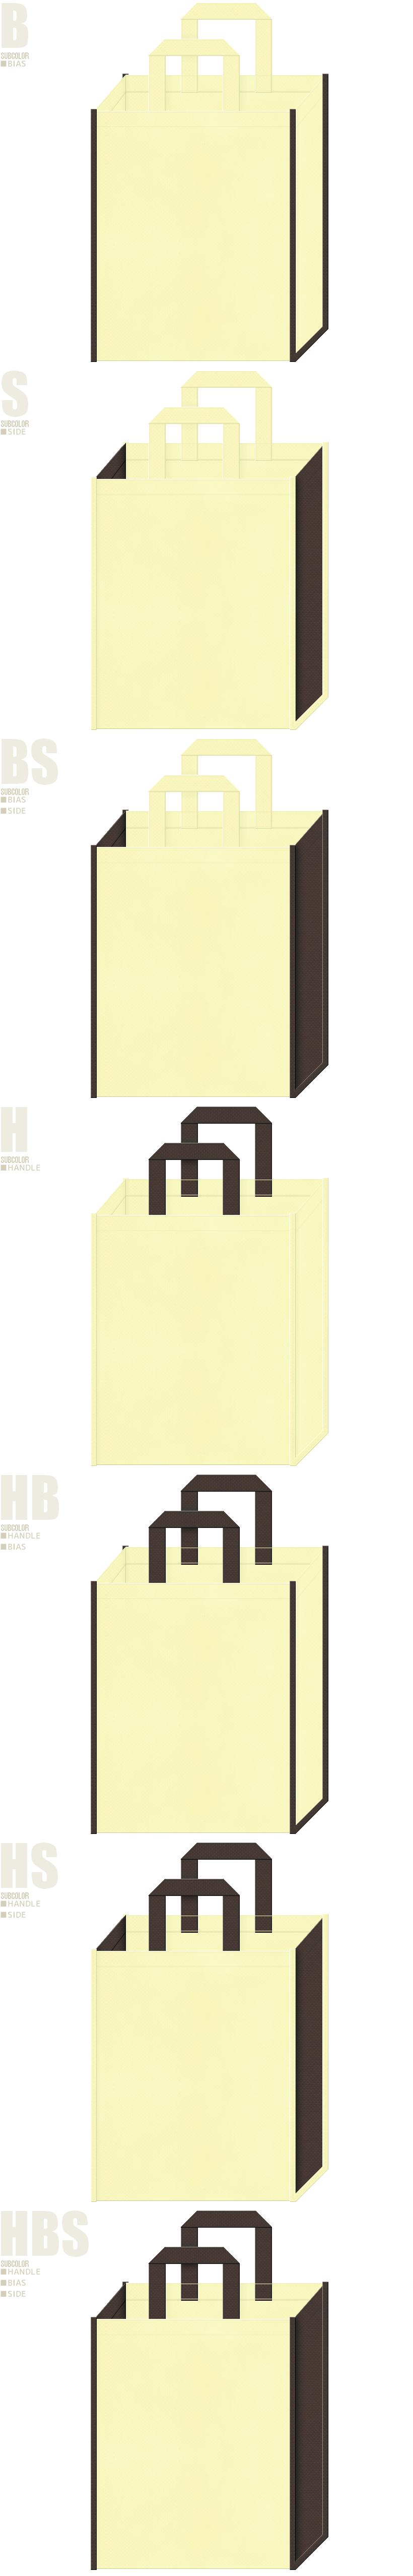 薄黄色とこげ茶色、7パターンの不織布トートバッグ配色デザイン例。カフェのバッグノベルティ・照明器具の展示会用バッグにお奨めです。